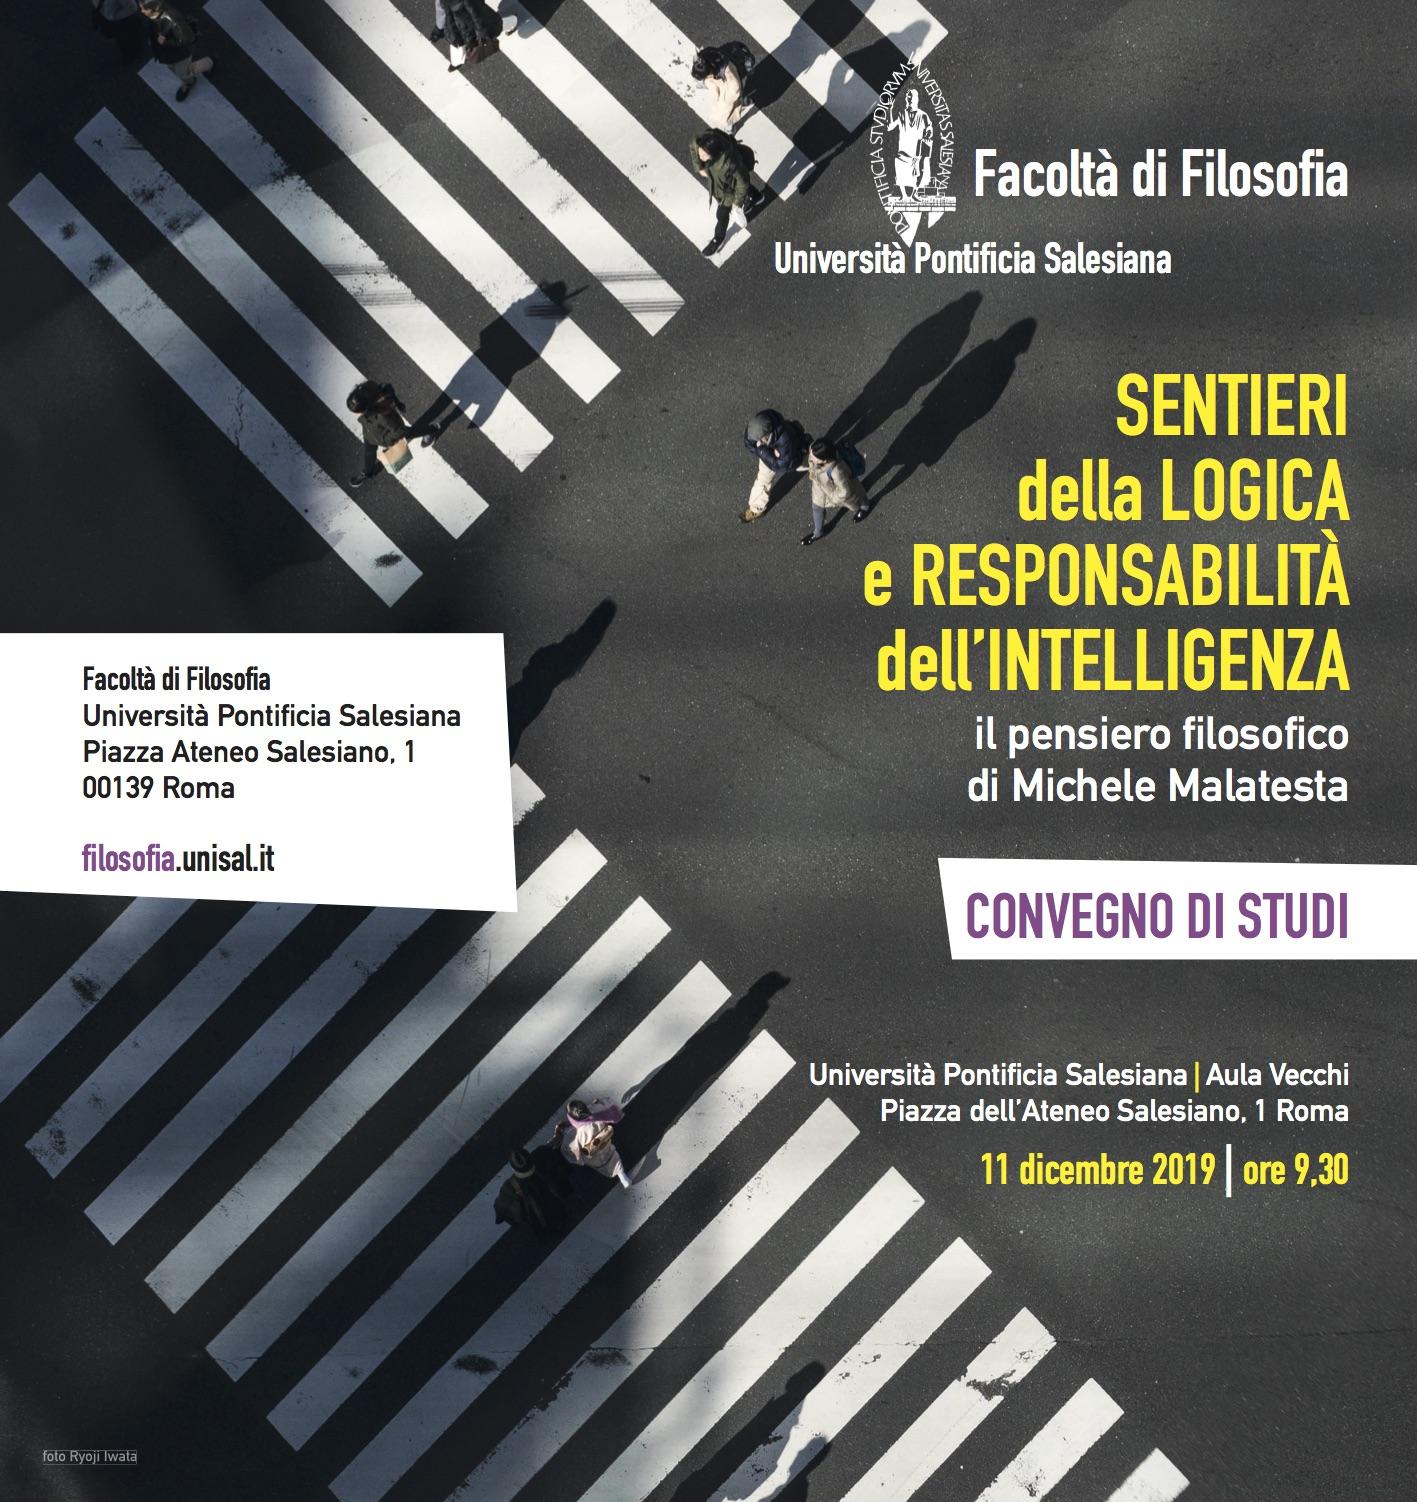 Convegno -  Sentieri della logica e responsabilità dell'intelligenza @ Aula Vecchi dell'Università Pontificia Salesiana